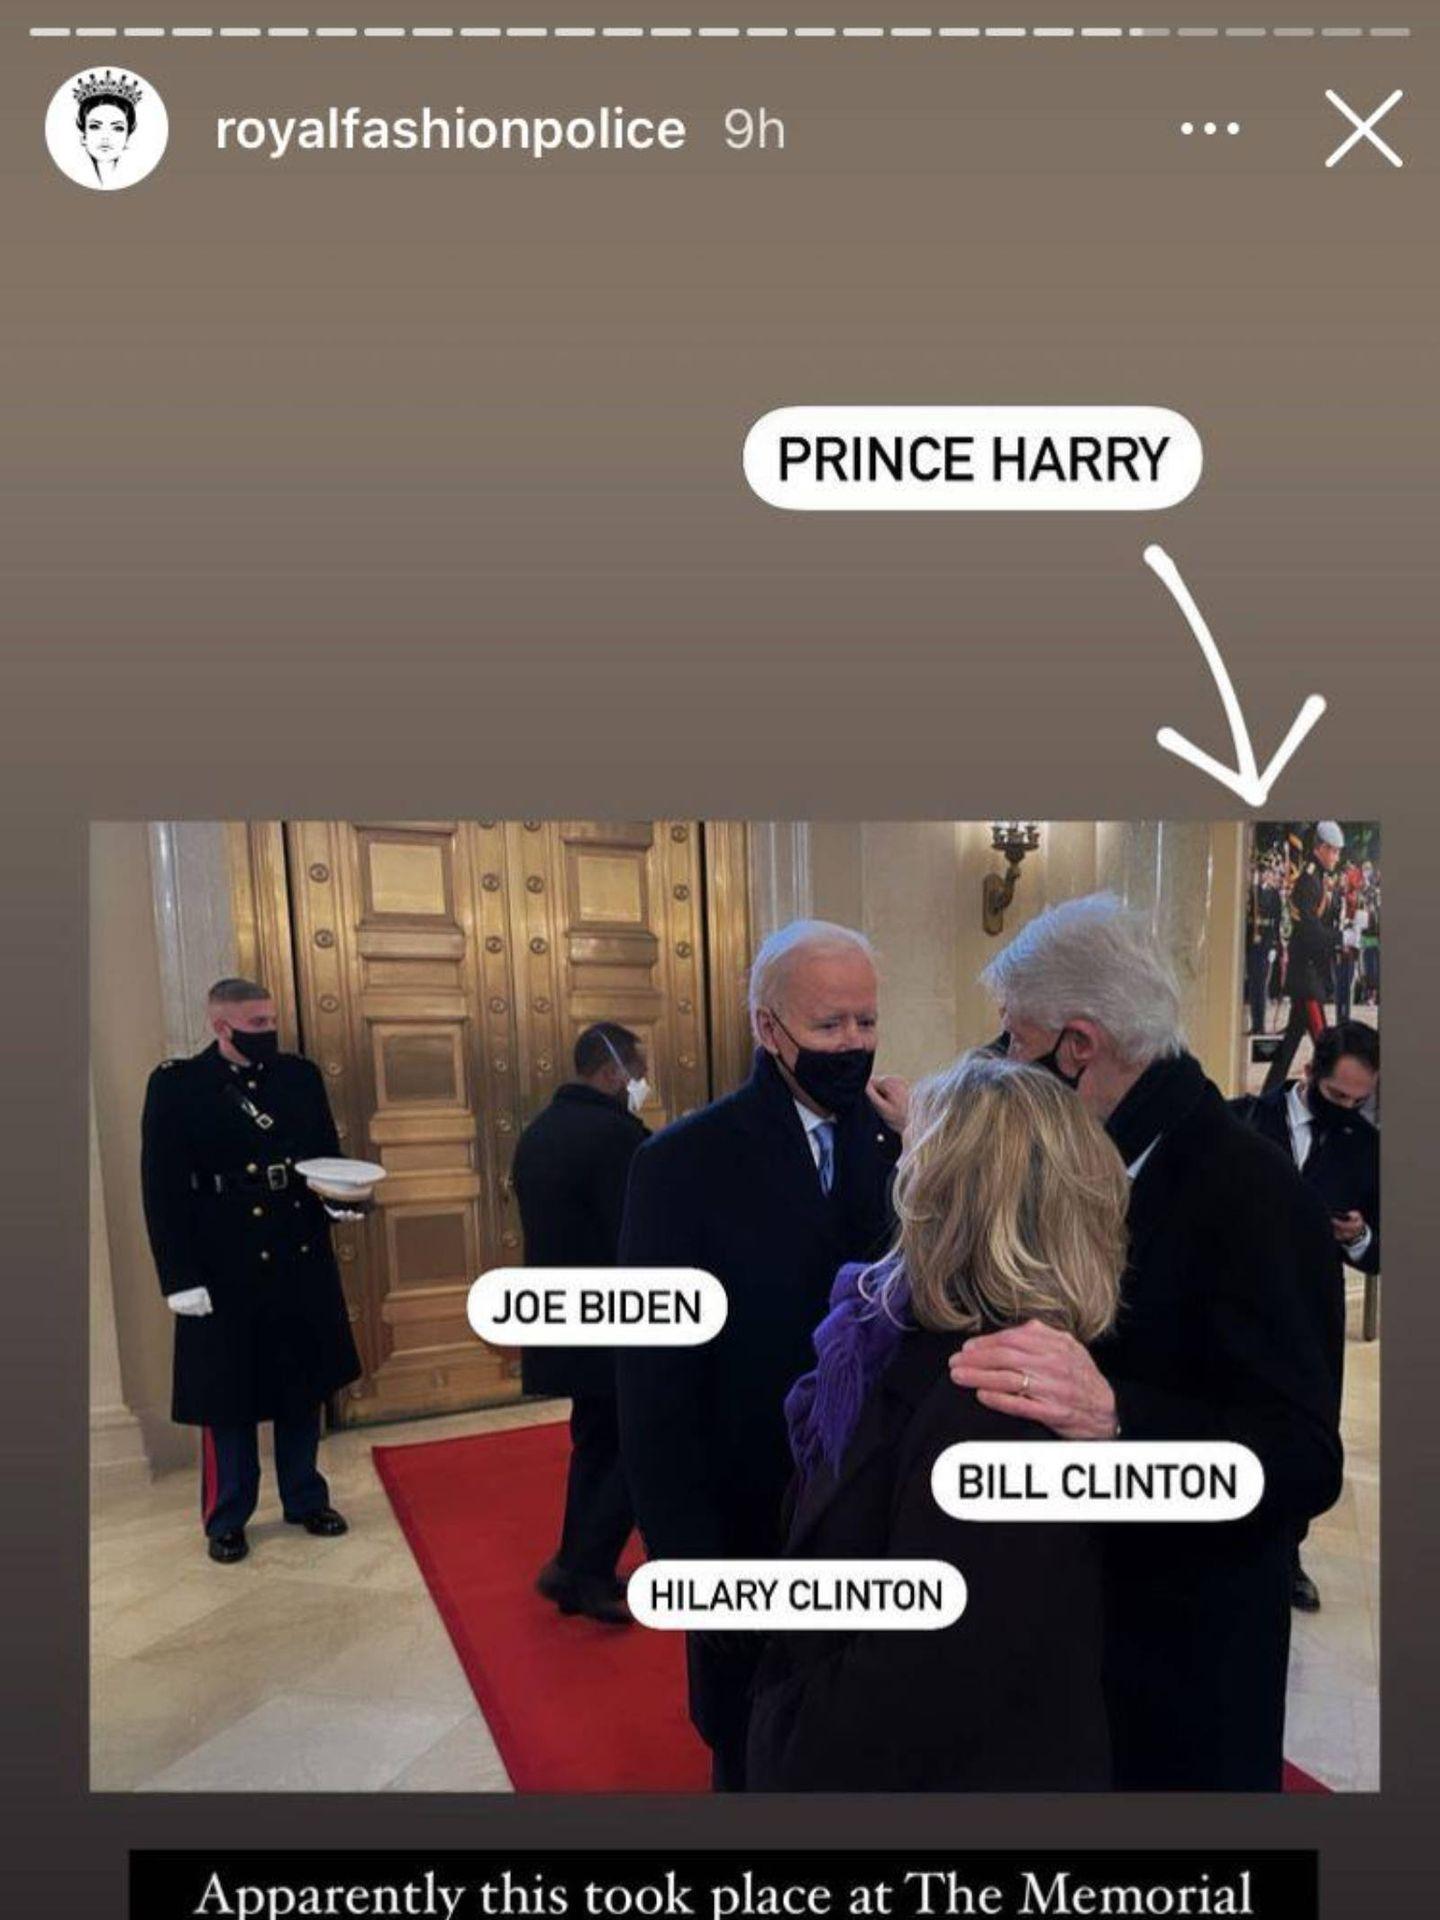 En la imagen se puede ver una fotografía del príncipe Harry de fondo. (Instagram @royalfashionpolice)